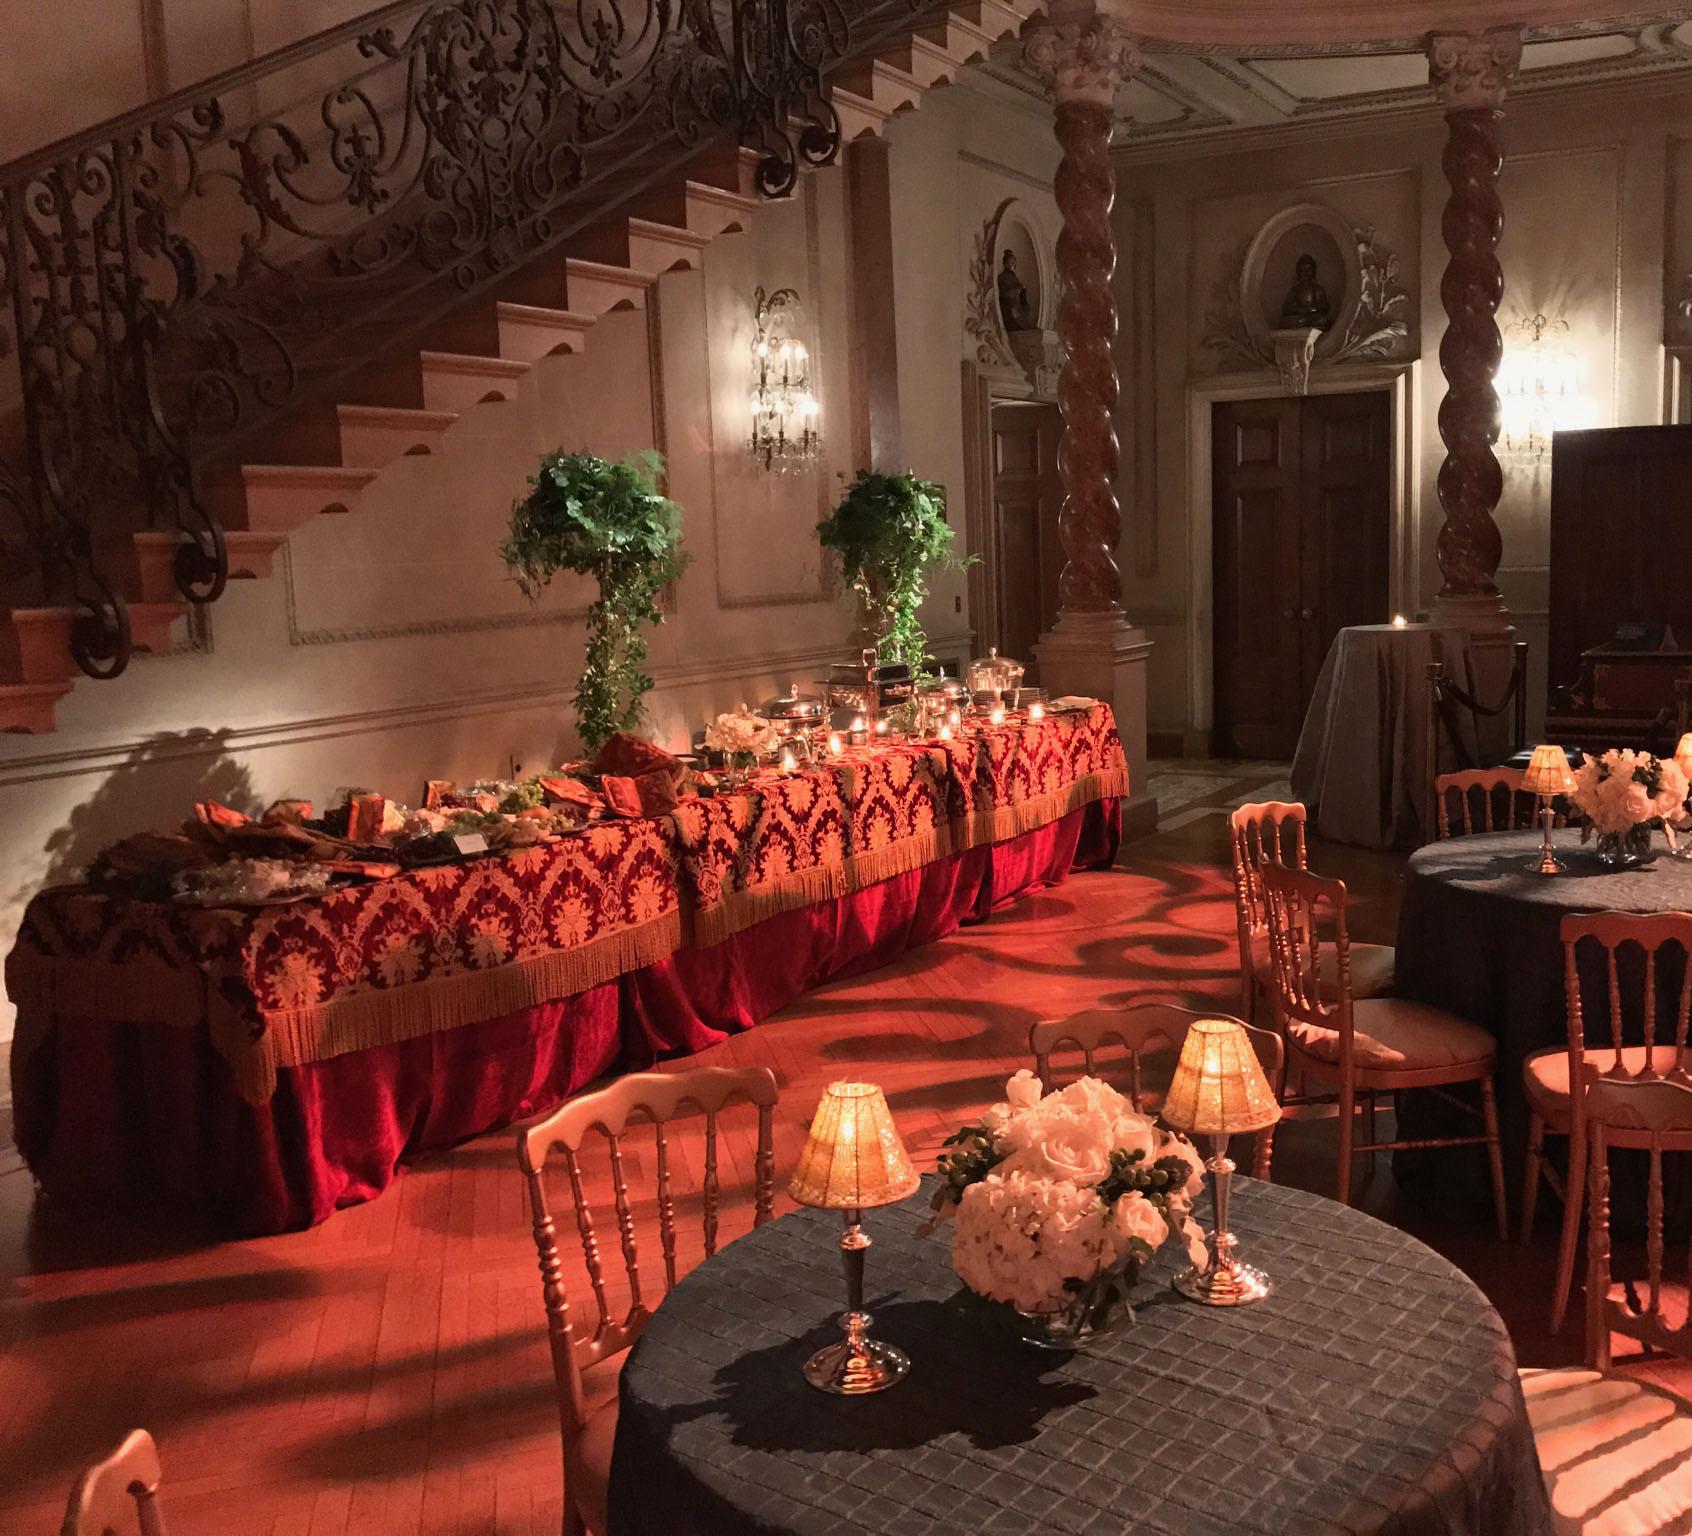 h2>Ballroom buffet</h2>